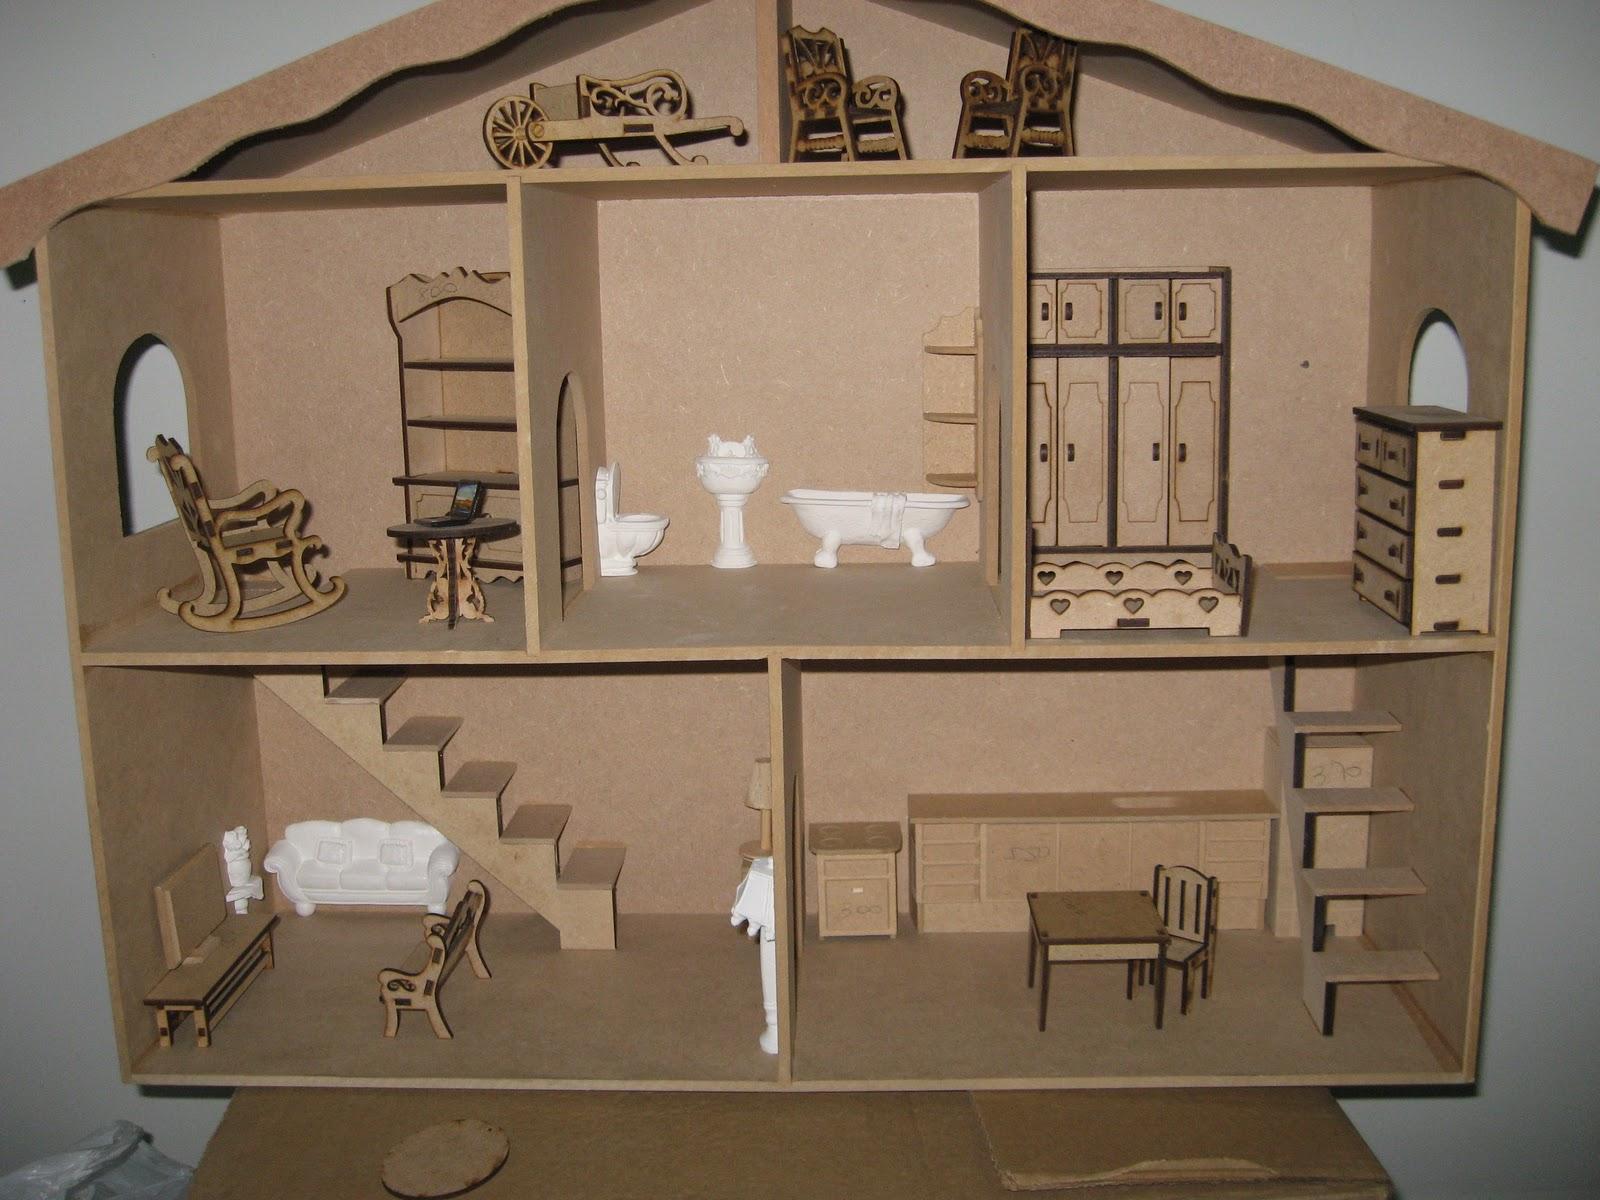 Lembranças Artesanais: Casa de bonecas relato parcial I #614B34 1600x1200